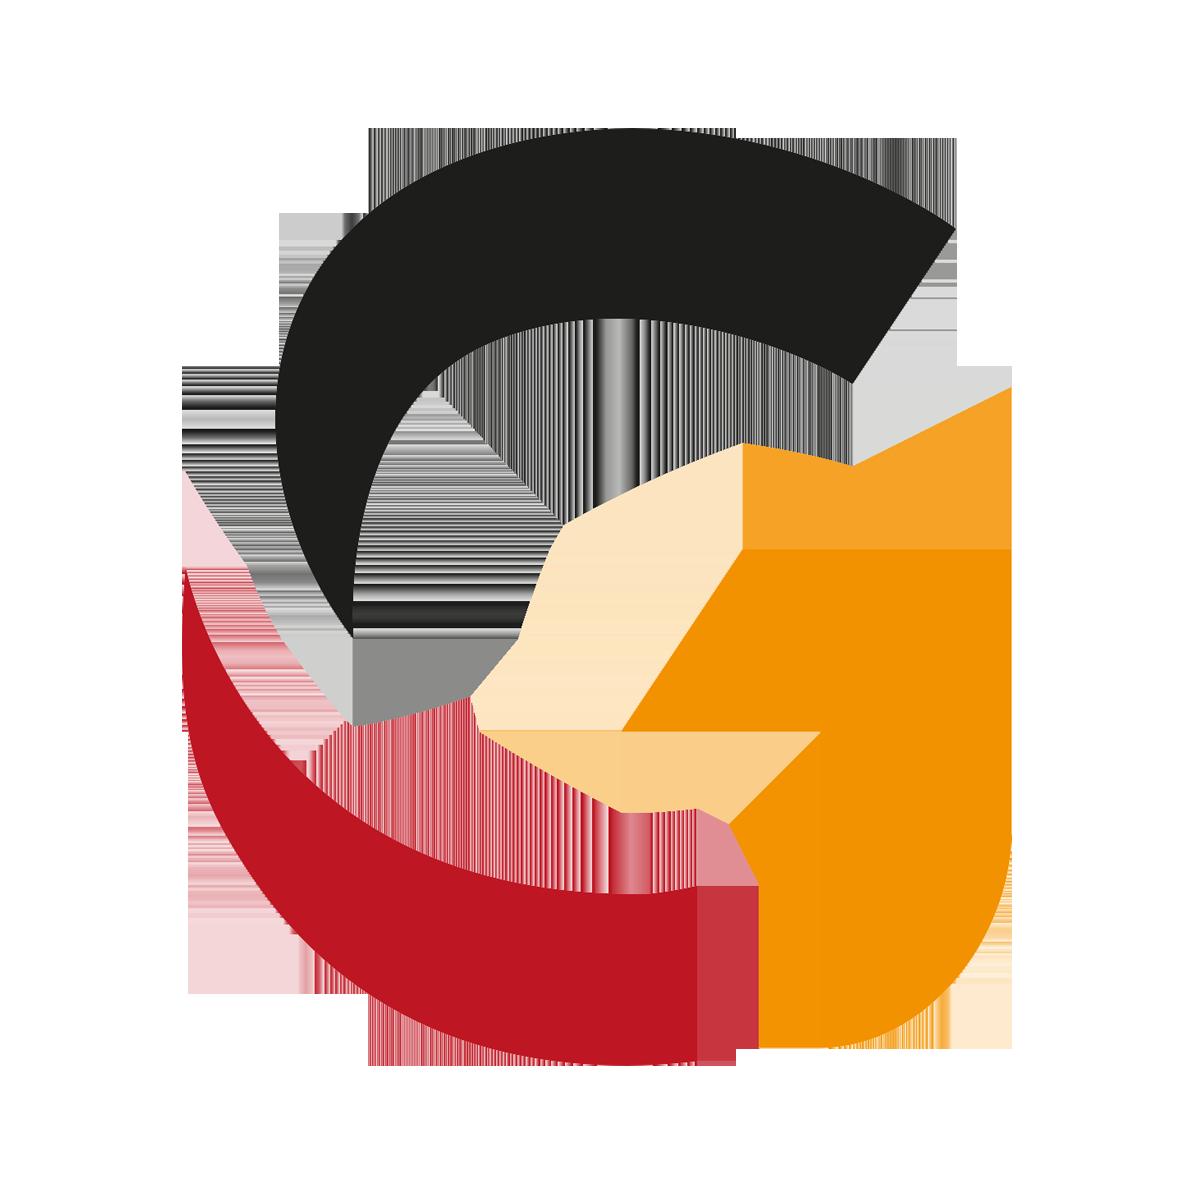 Создали маркетинговые инструменты для юридической компании «Гебель и партнеры»